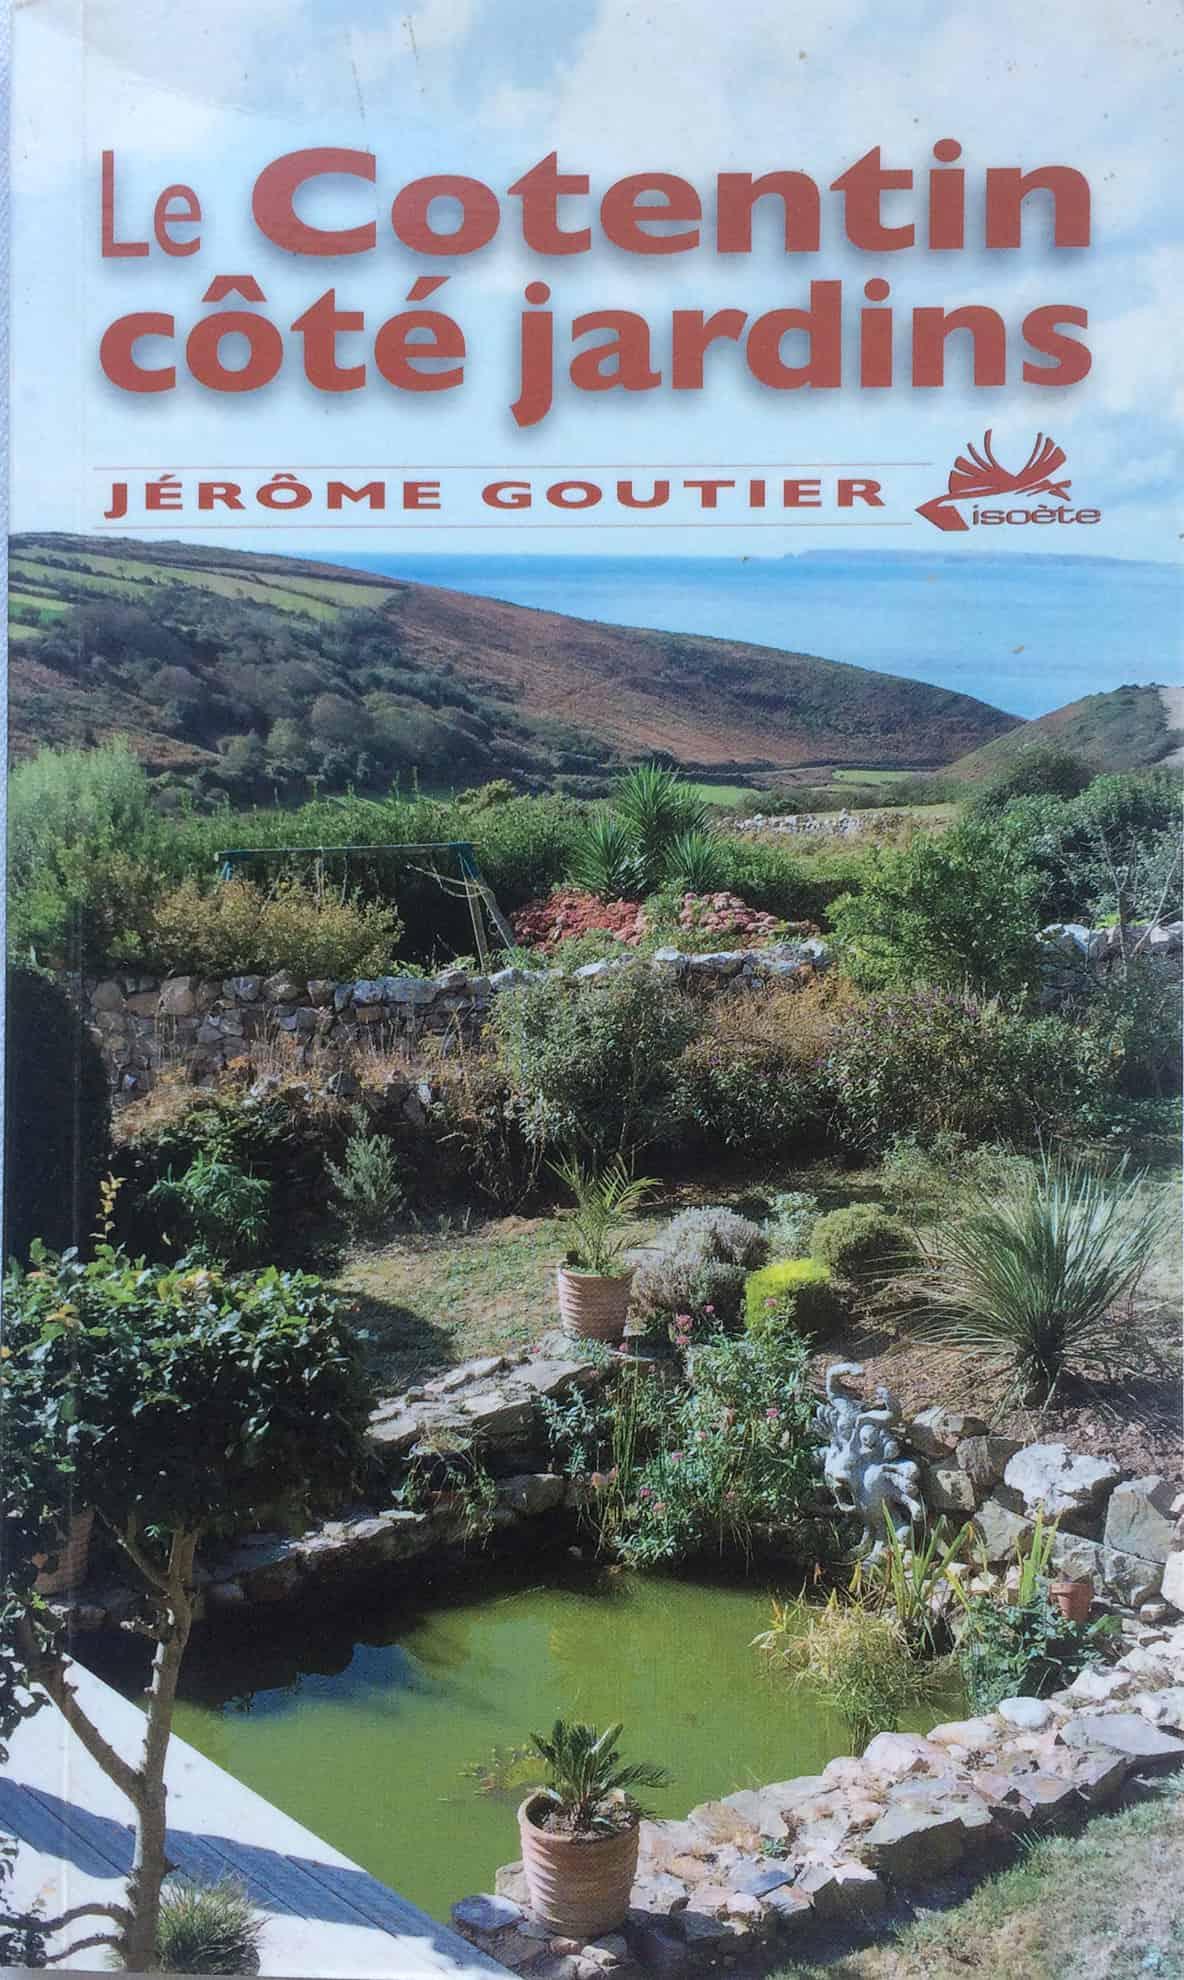 La Blanche Maison - Livre - Le Cotentin coté jardin